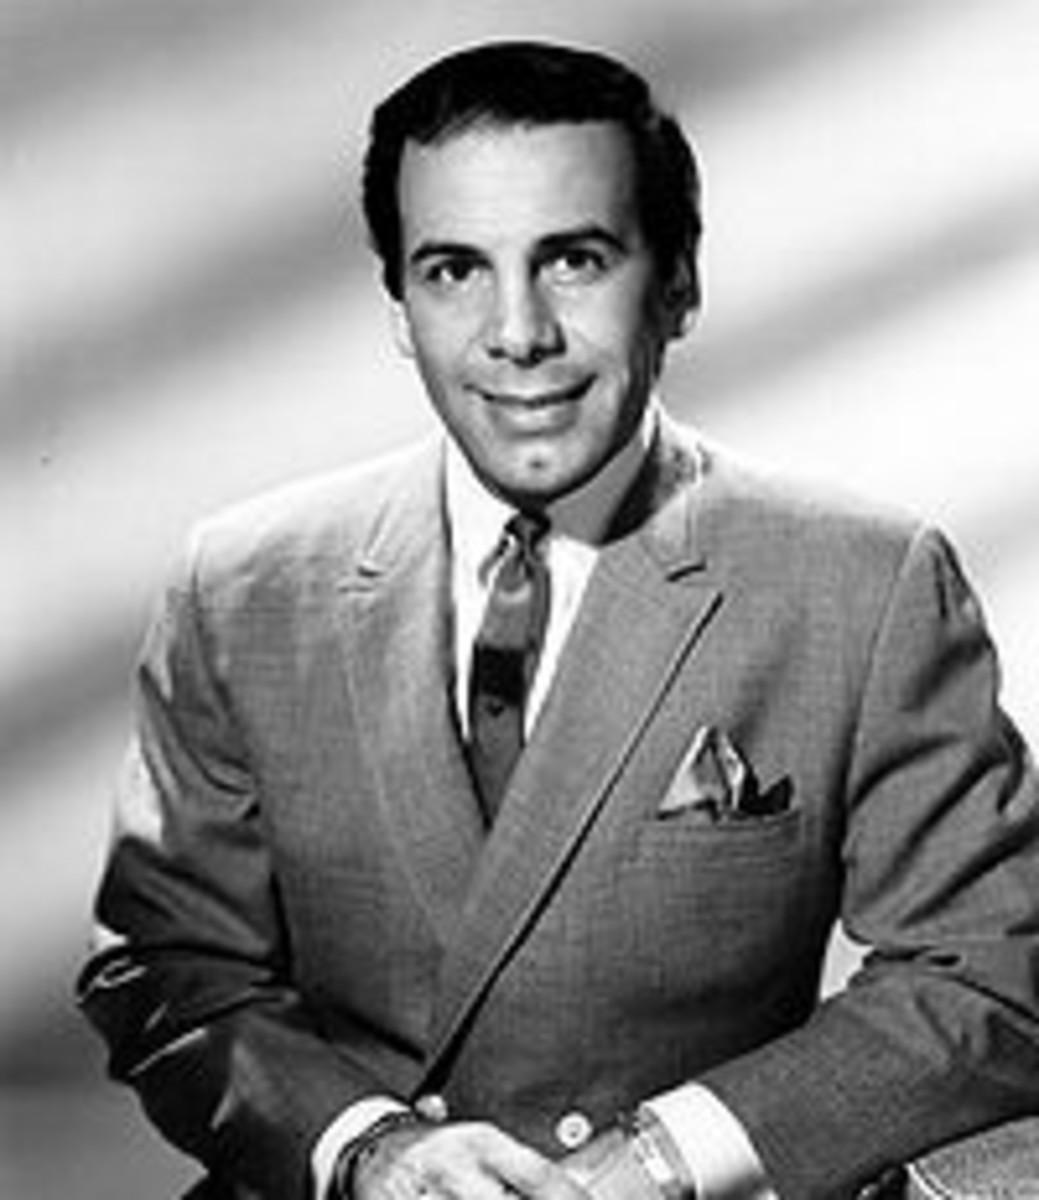 Tony Fontane